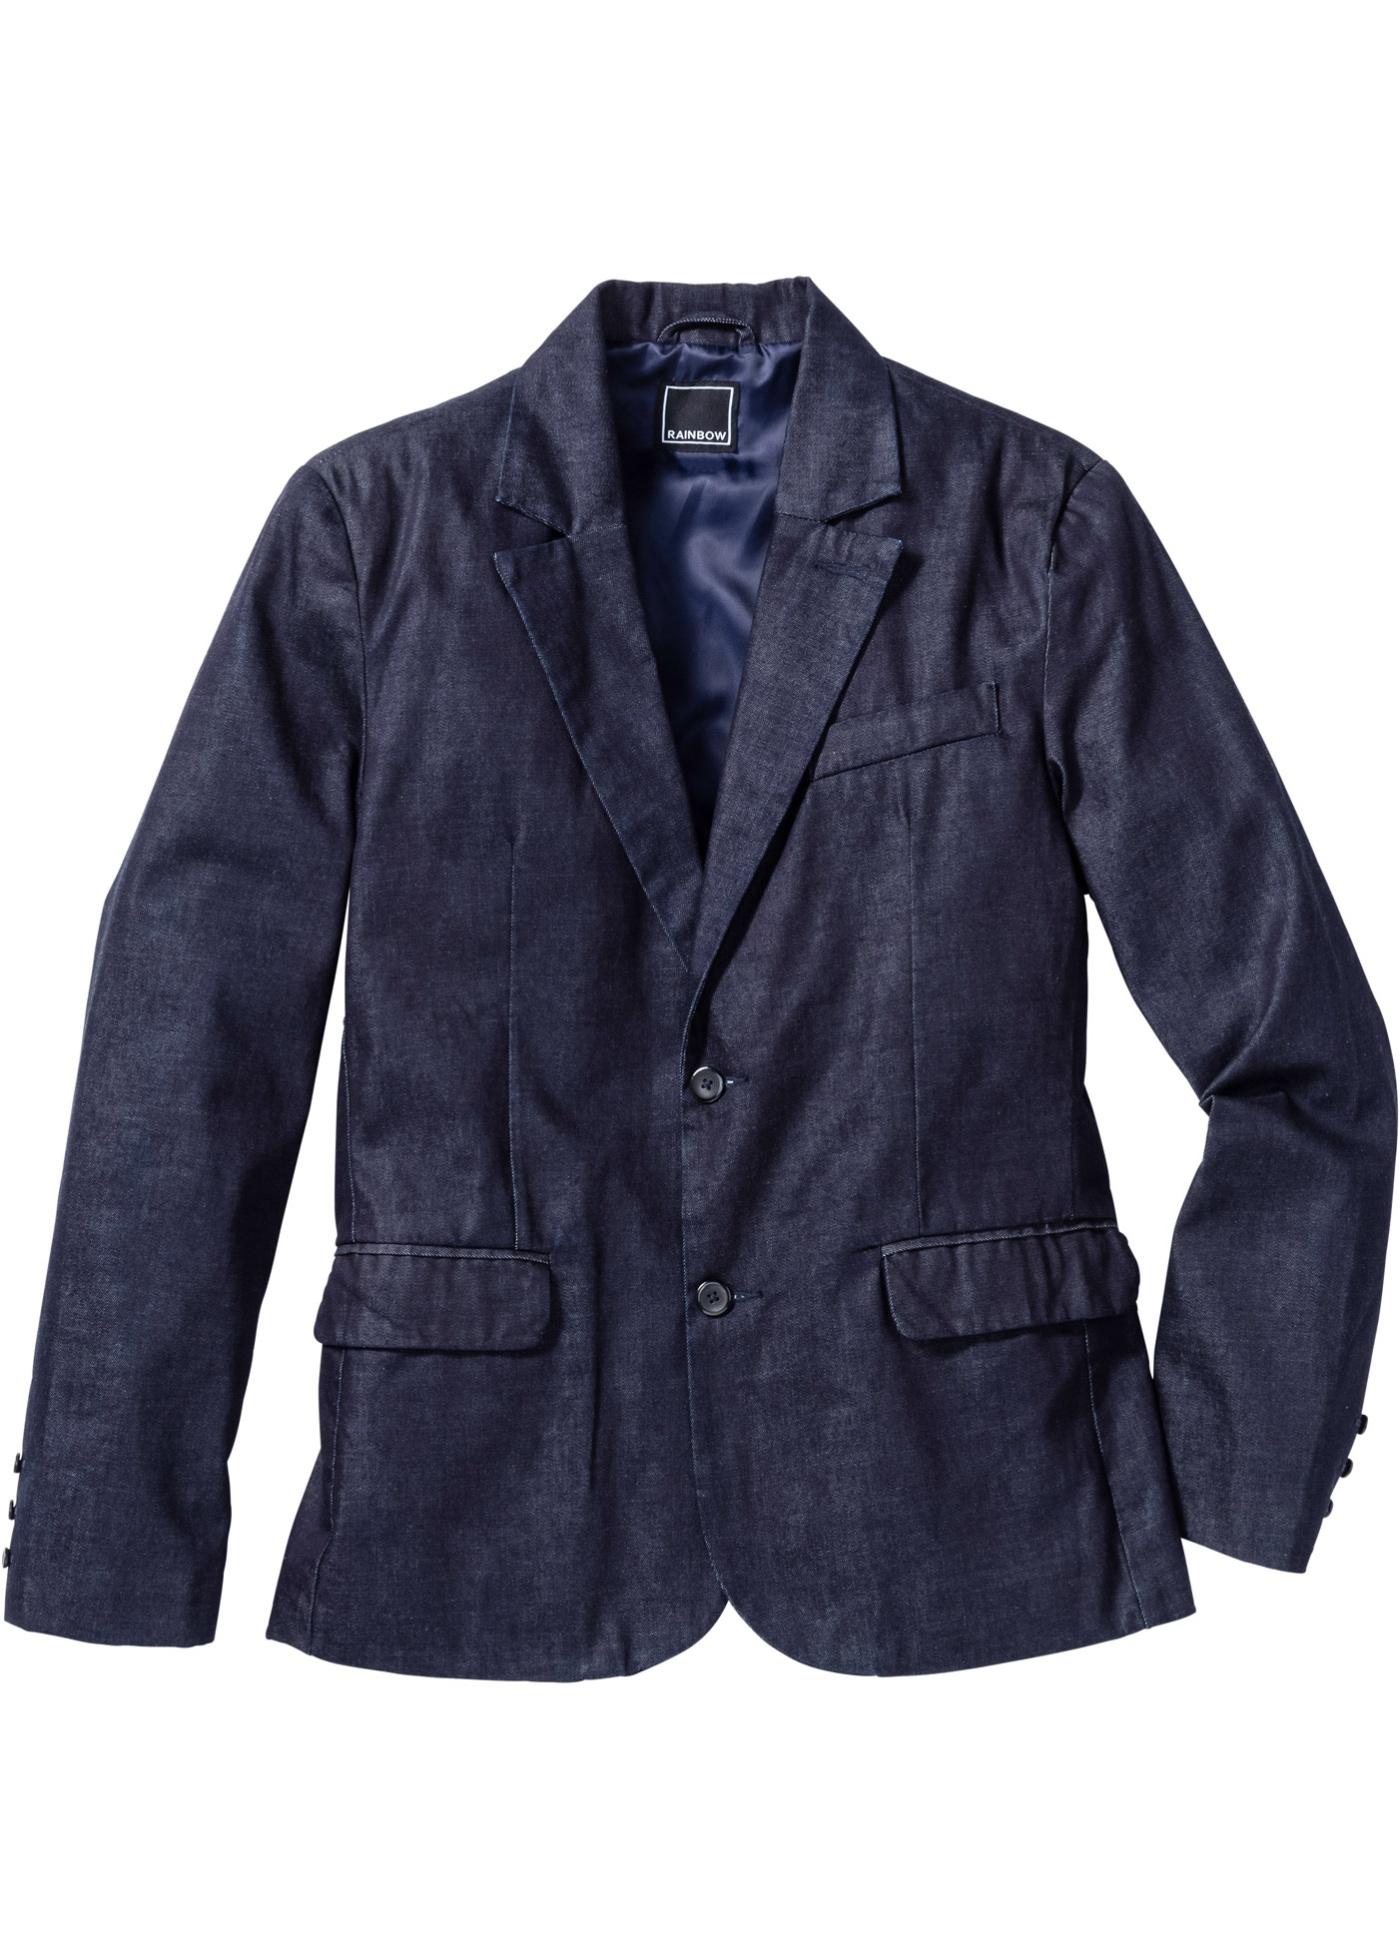 jeans sakko herren preisvergleiche erfahrungsberichte und kauf bei nextag. Black Bedroom Furniture Sets. Home Design Ideas